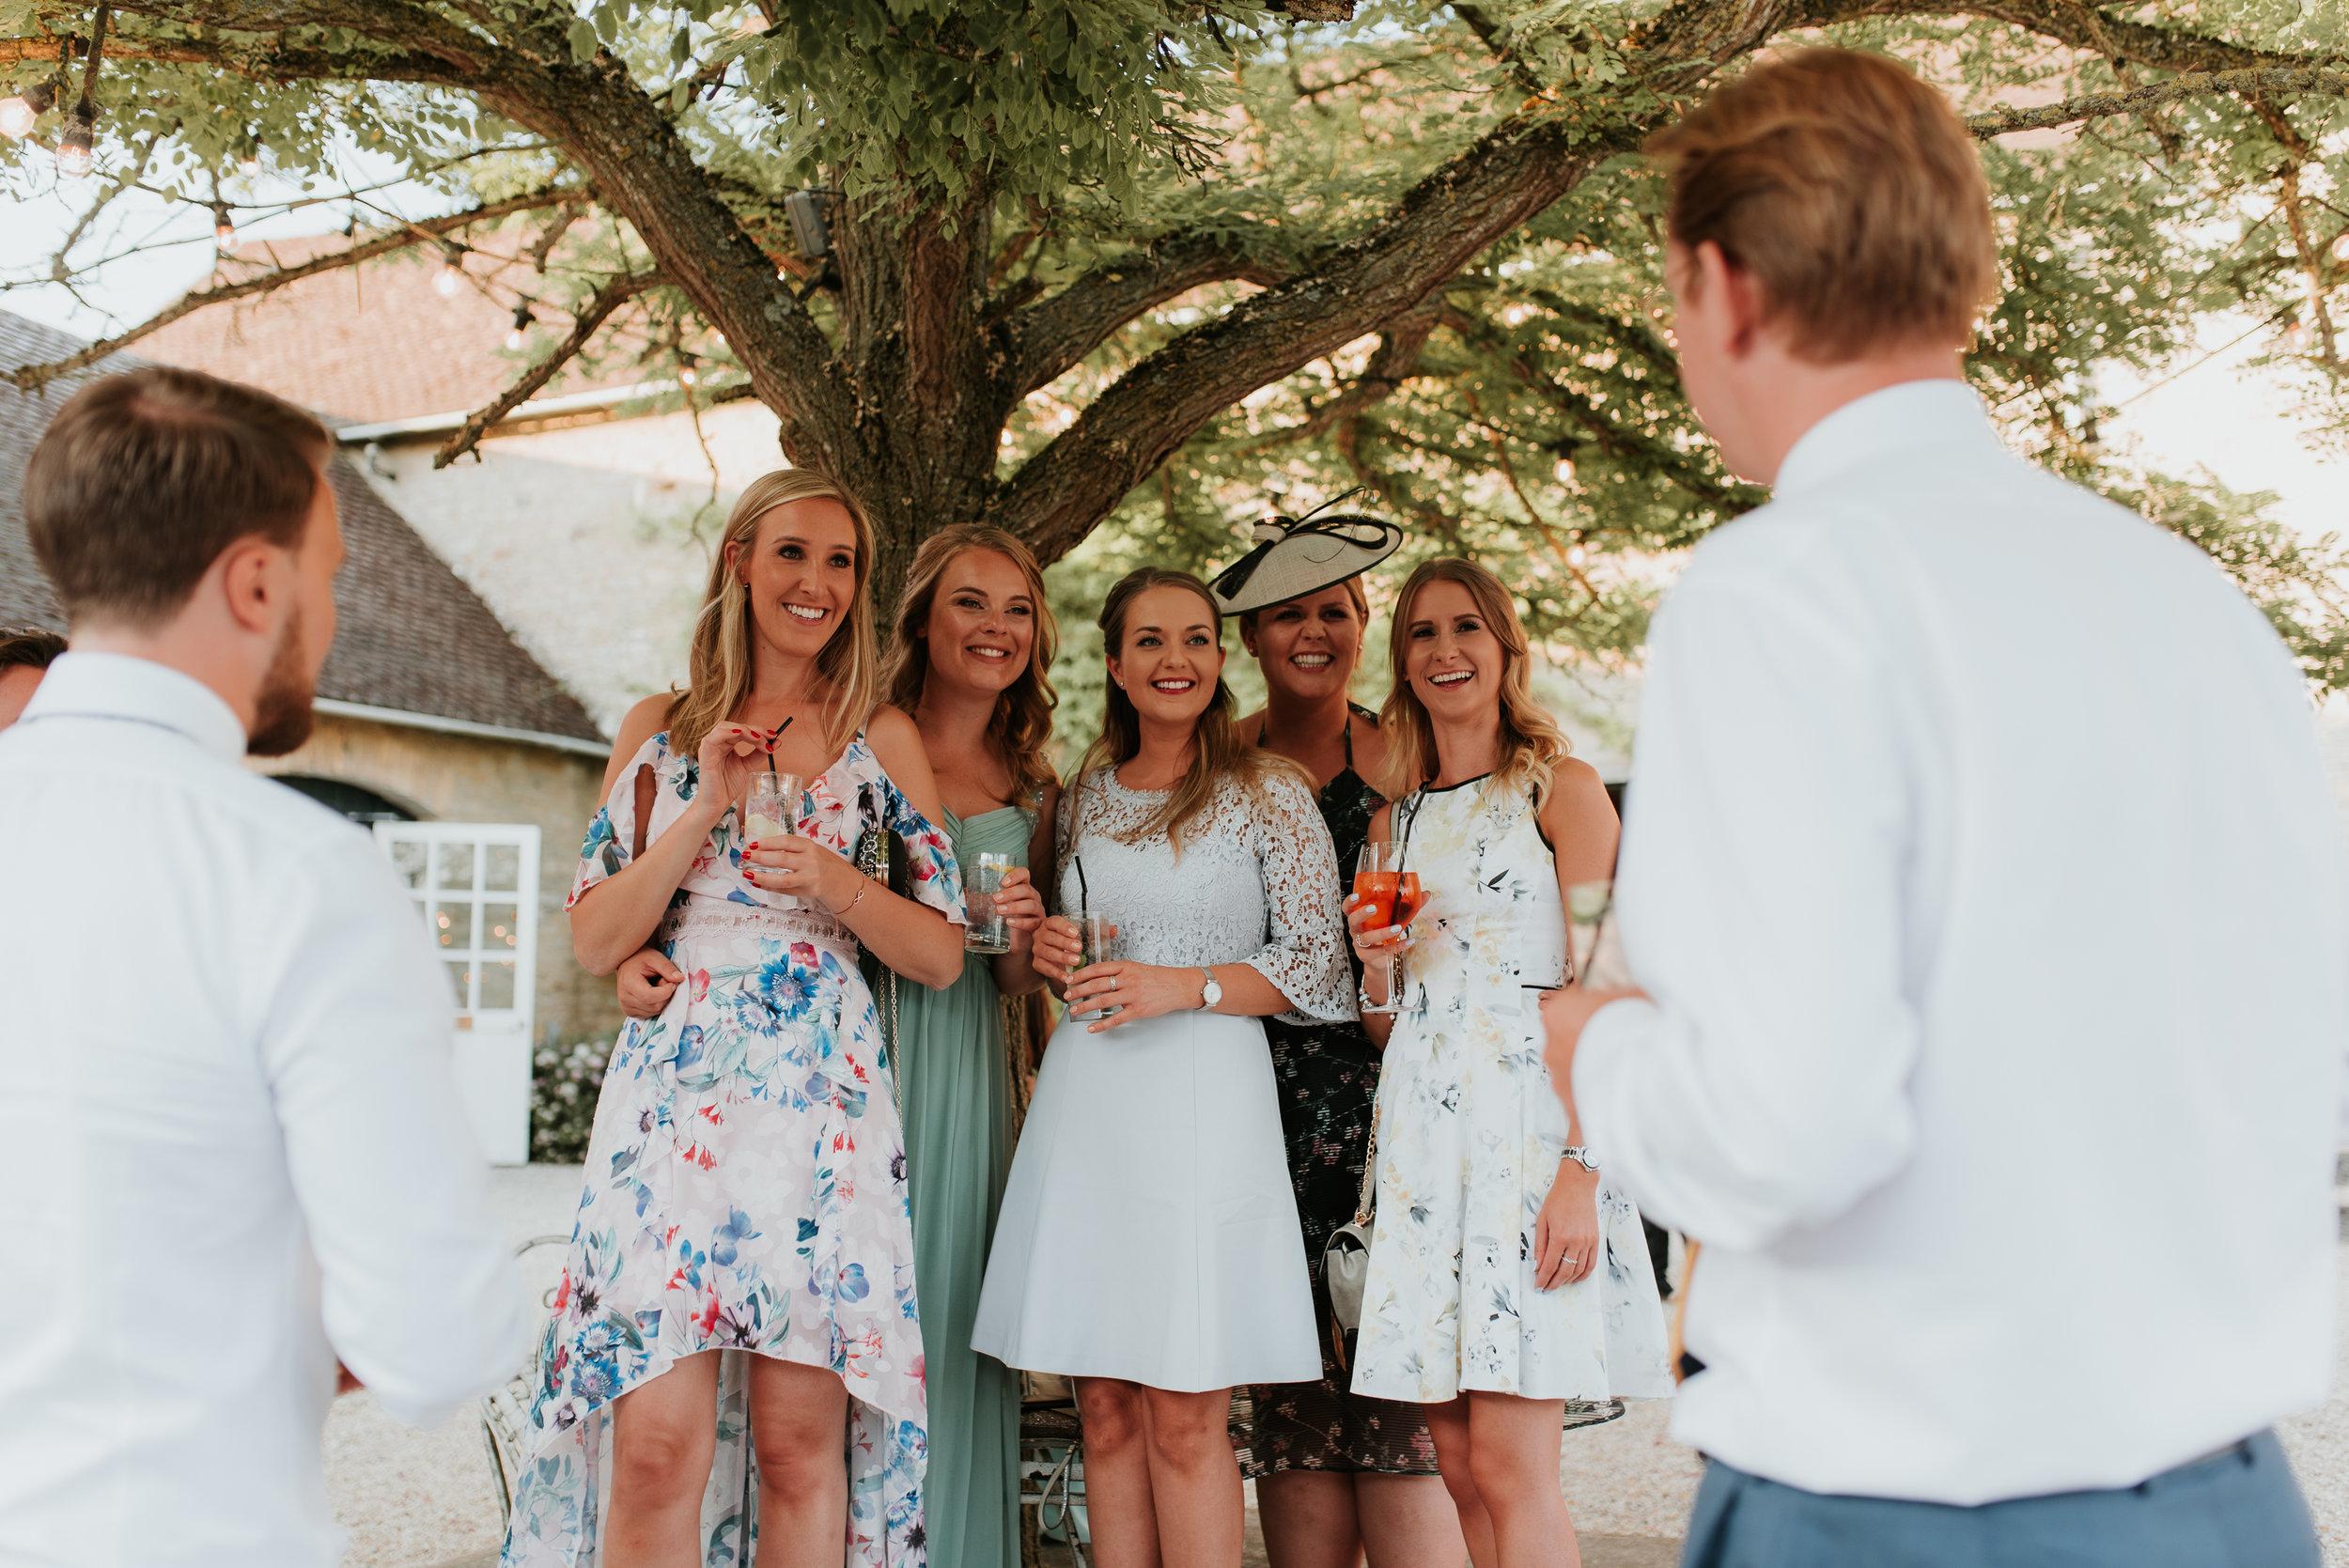 wedding guest photos